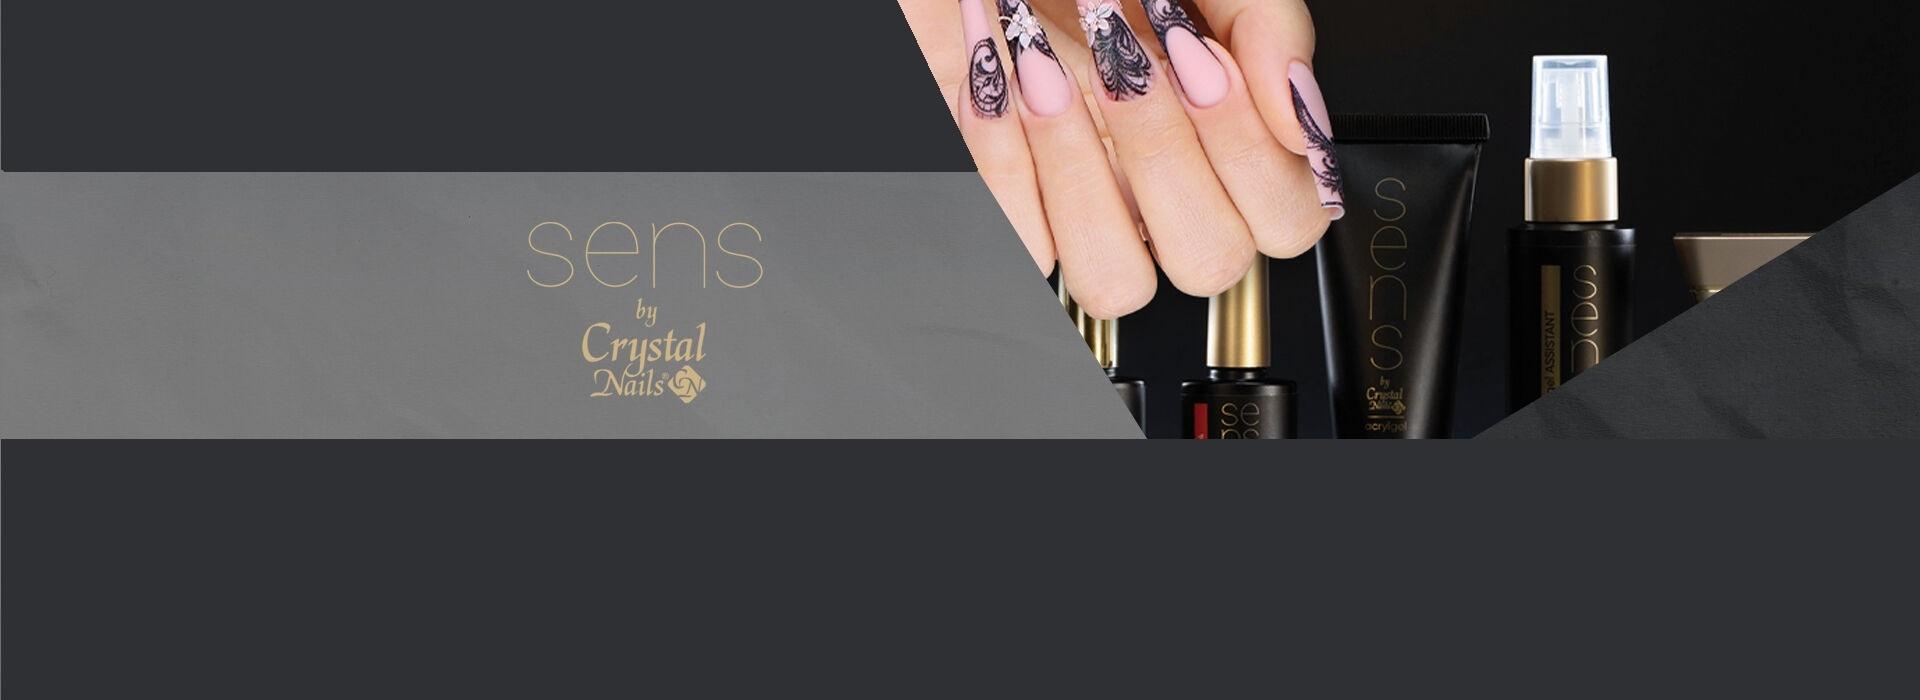 SENS Crystal Nails